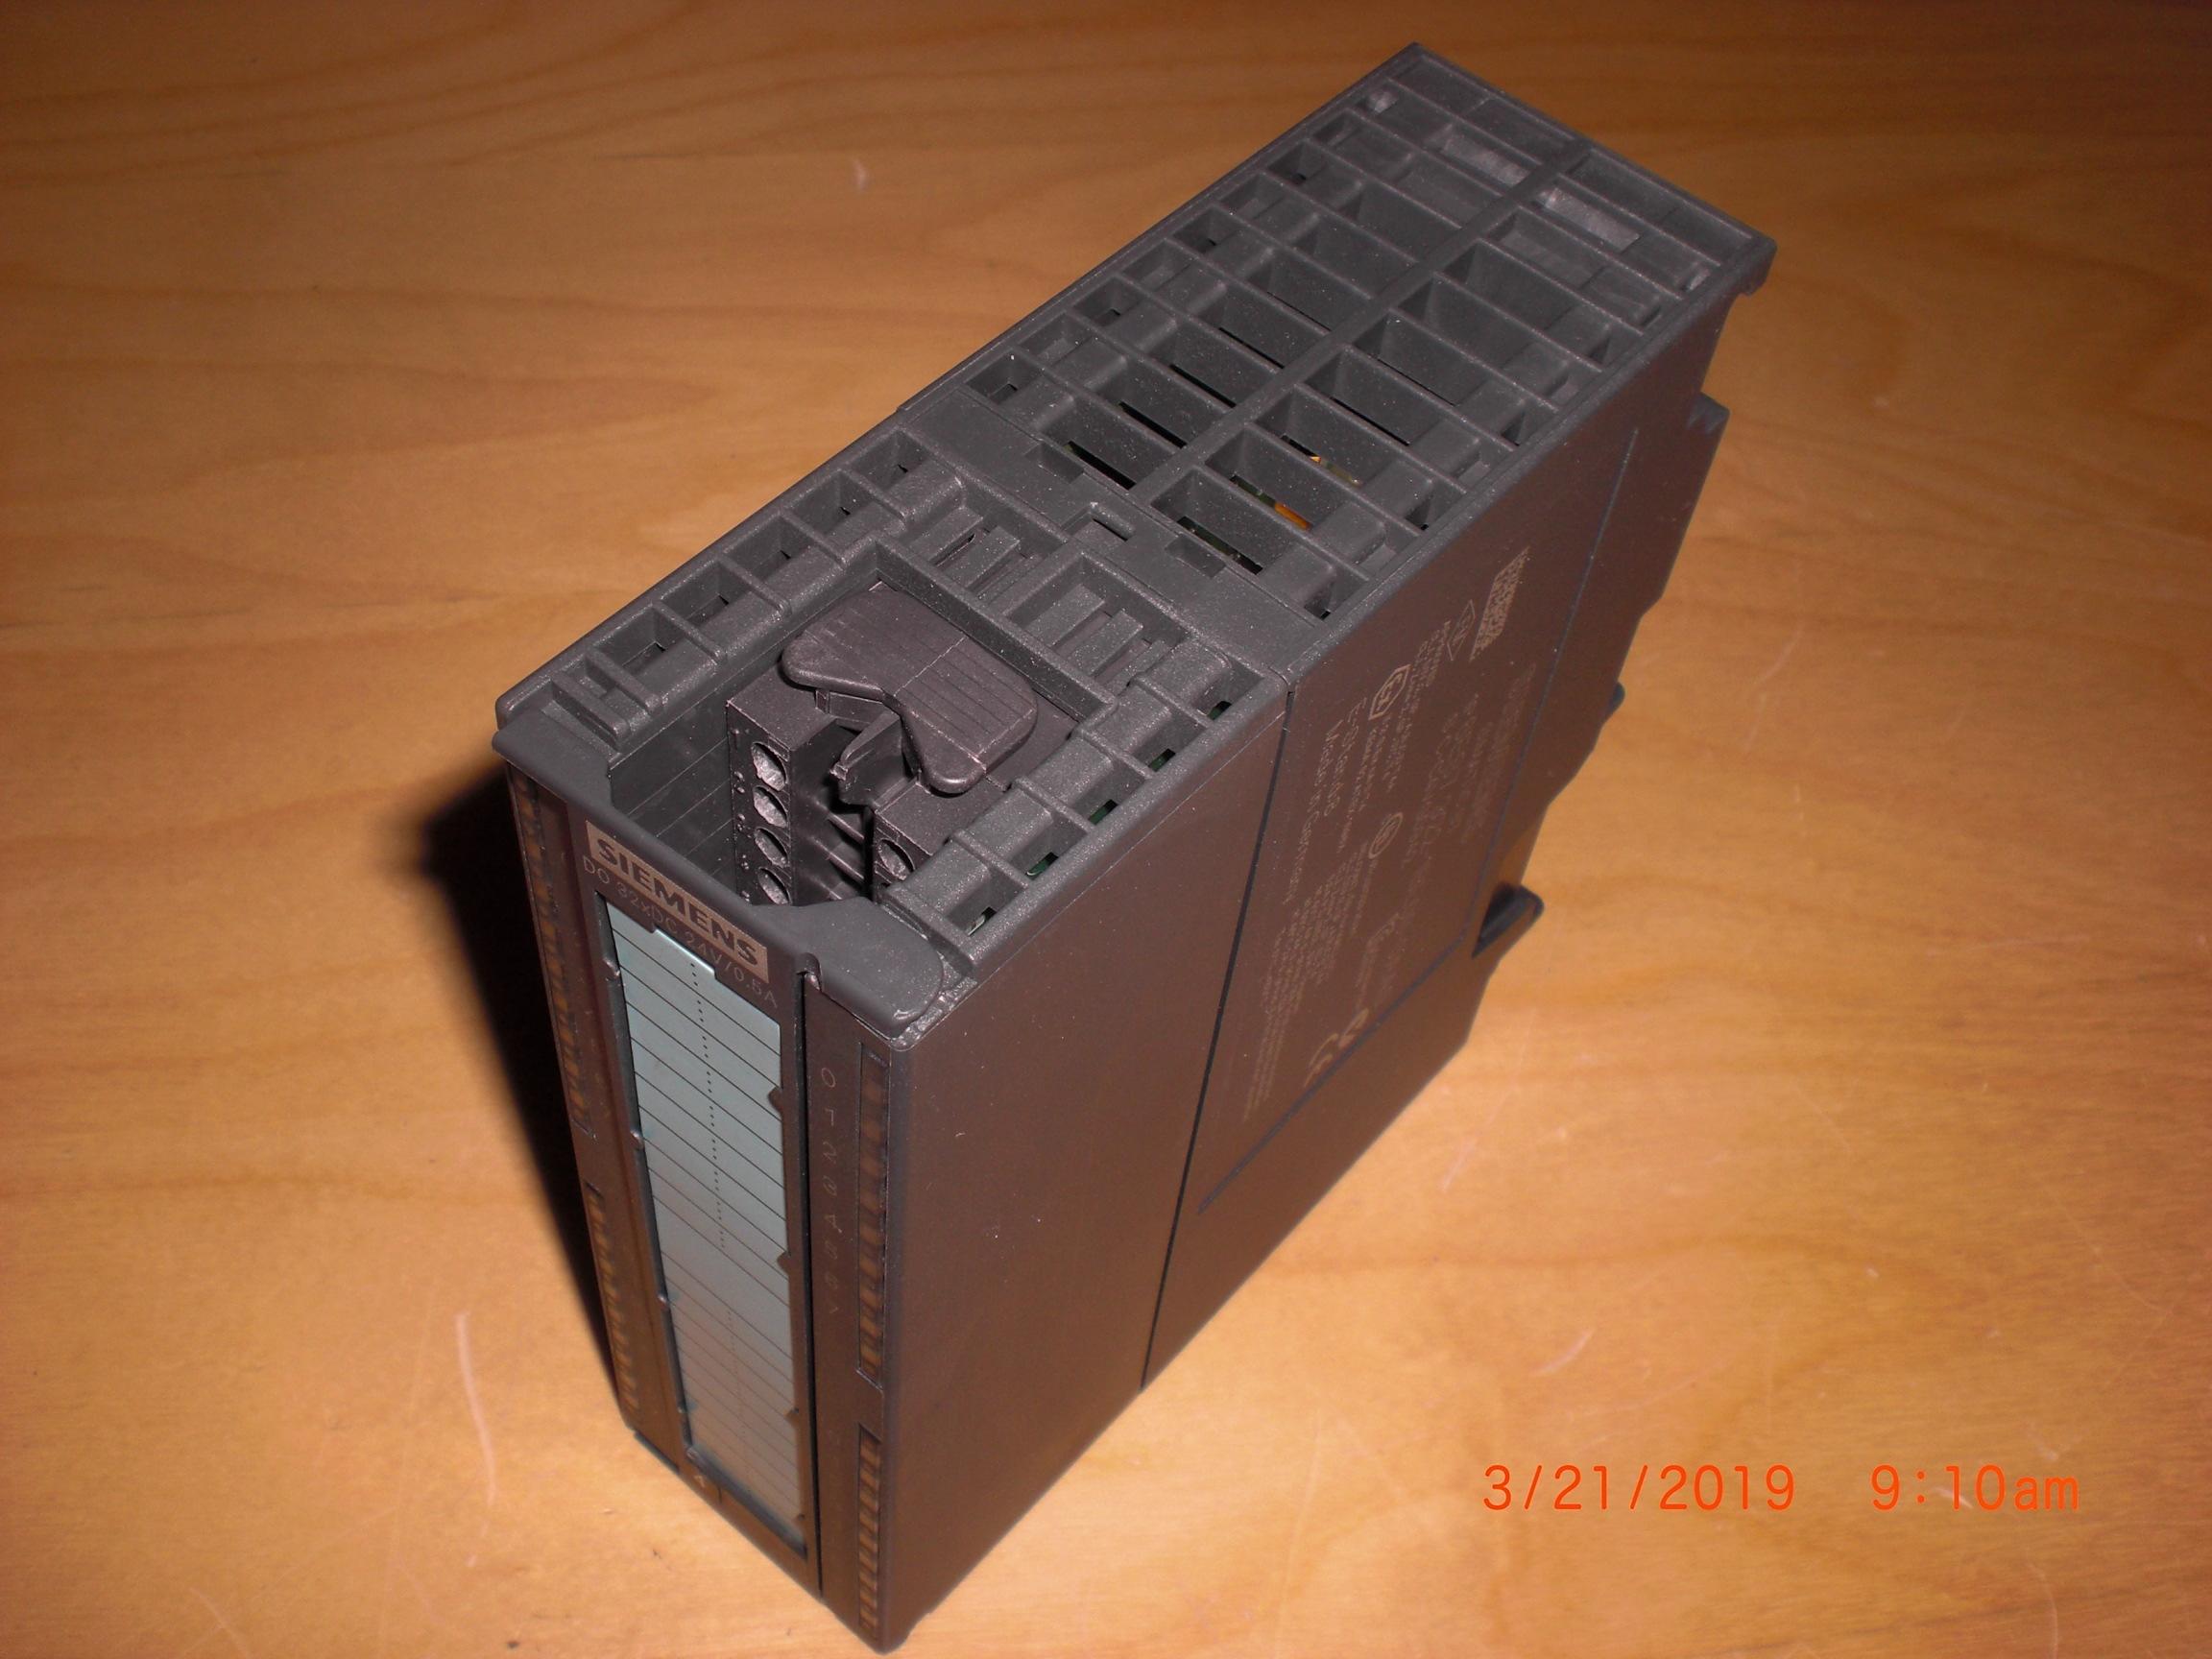 PLC SIEMENS 6ES7 322-1BL00-0AA0 Simatic S7 Output Module